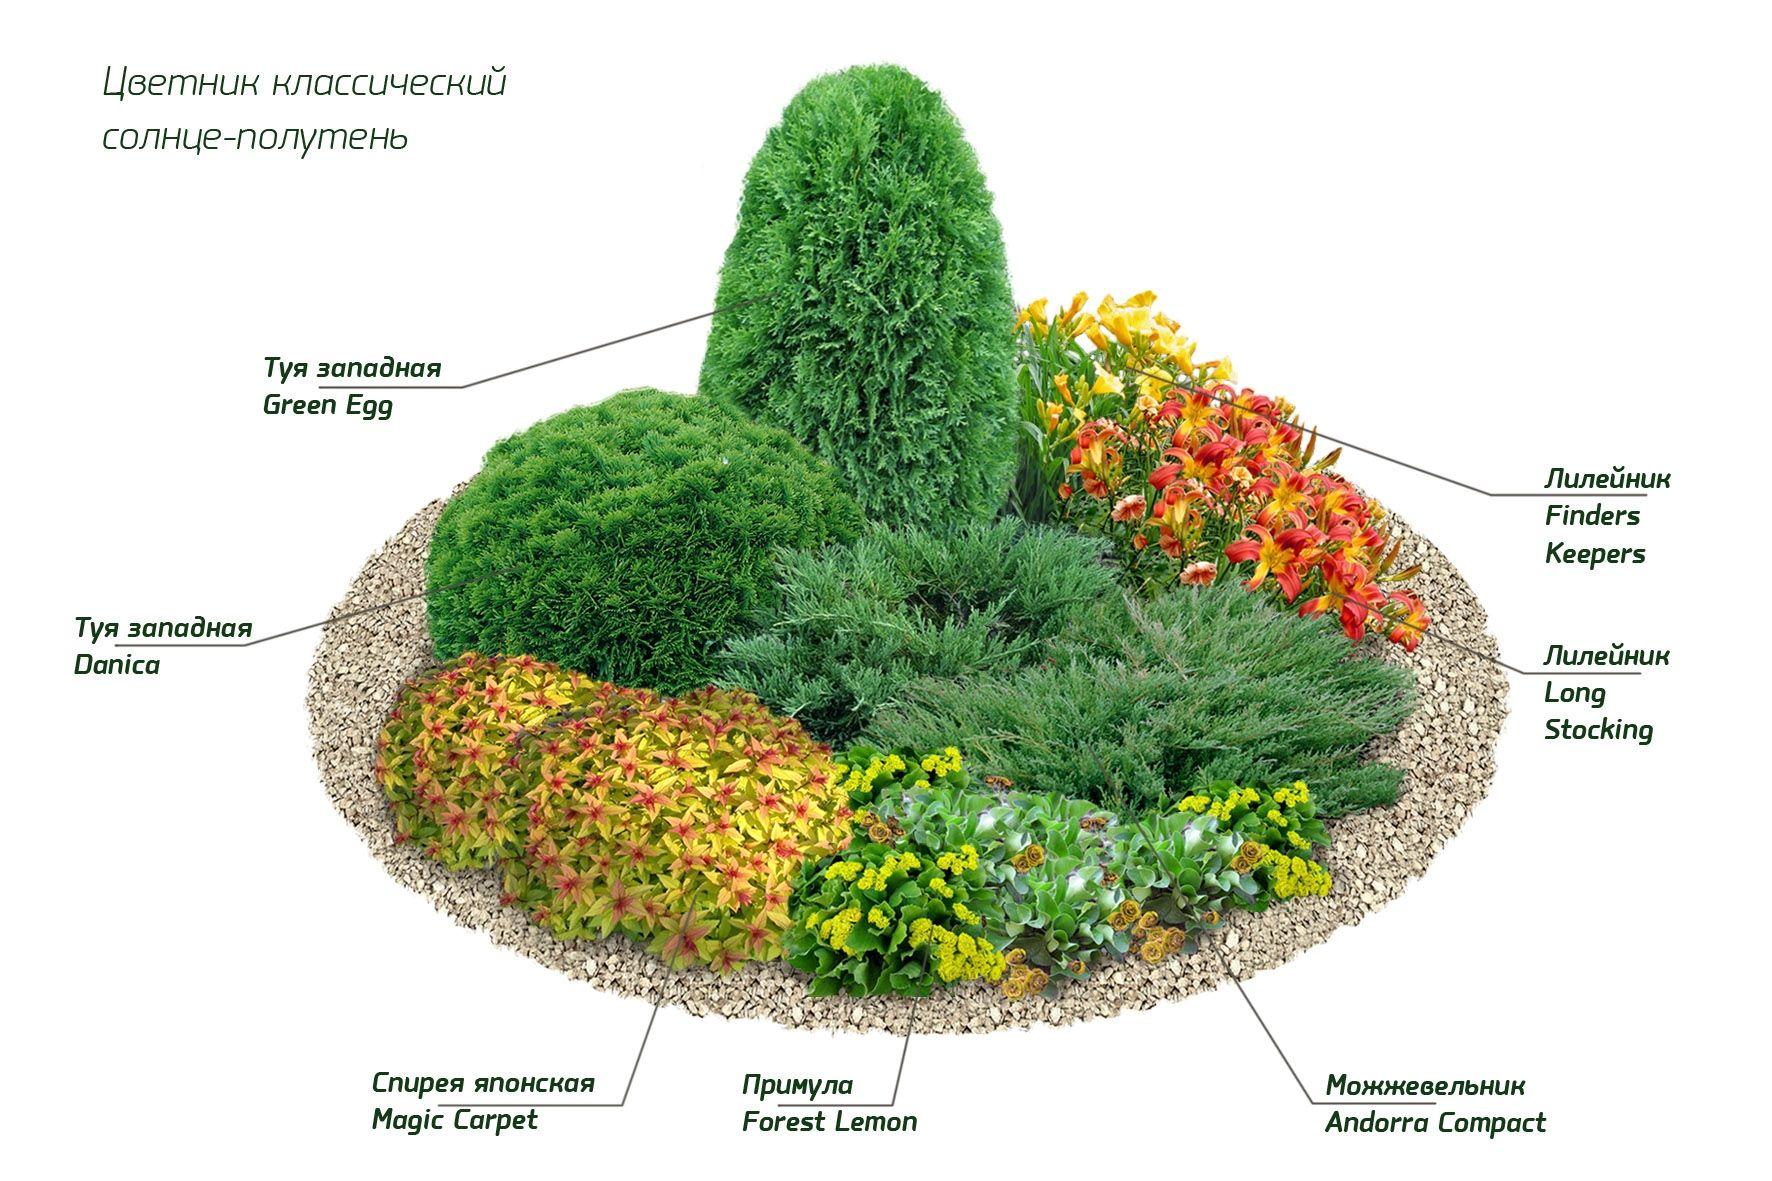 клумбы с описанием растений